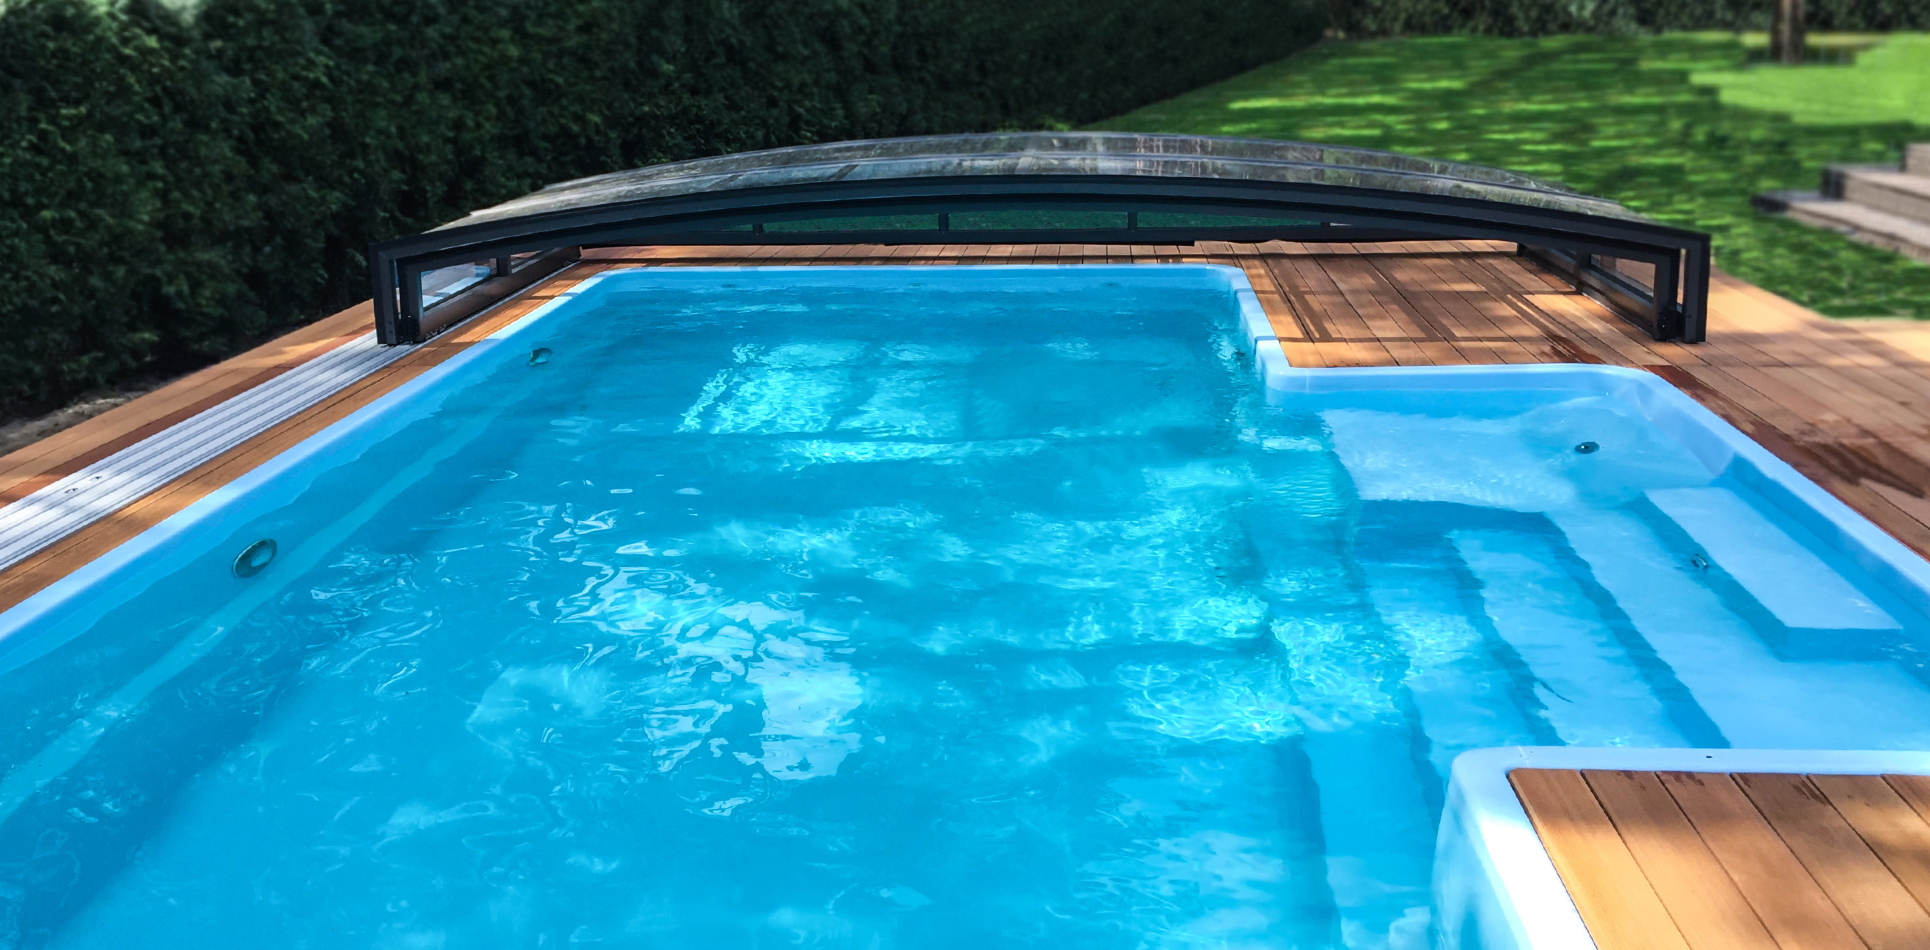 Full Size of Gebrauchte Gfk Pools Pool Gebraucht Kaufen Becken Industriewerkzeuge Fenster Regale Küche Verkaufen Betten Einbauküche Wohnzimmer Gebrauchte Gfk Pools